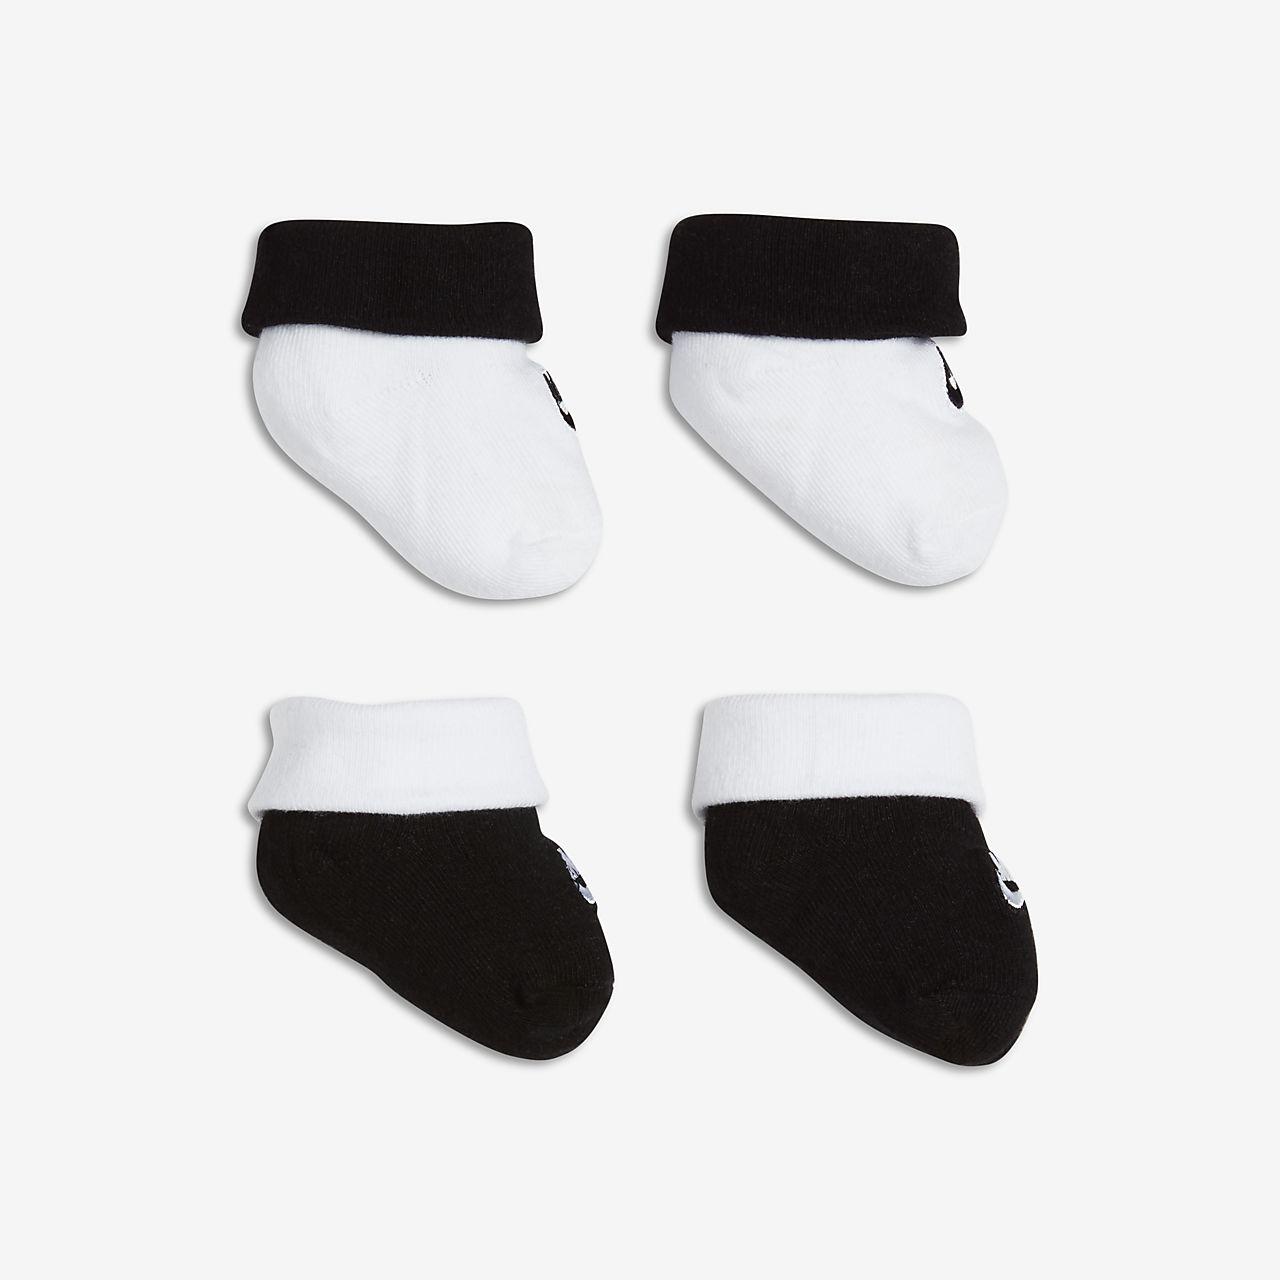 6c1e5b119913e Chaussons Nike Futura pour Bébé et Petit enfant (2 paires). Nike.com FR